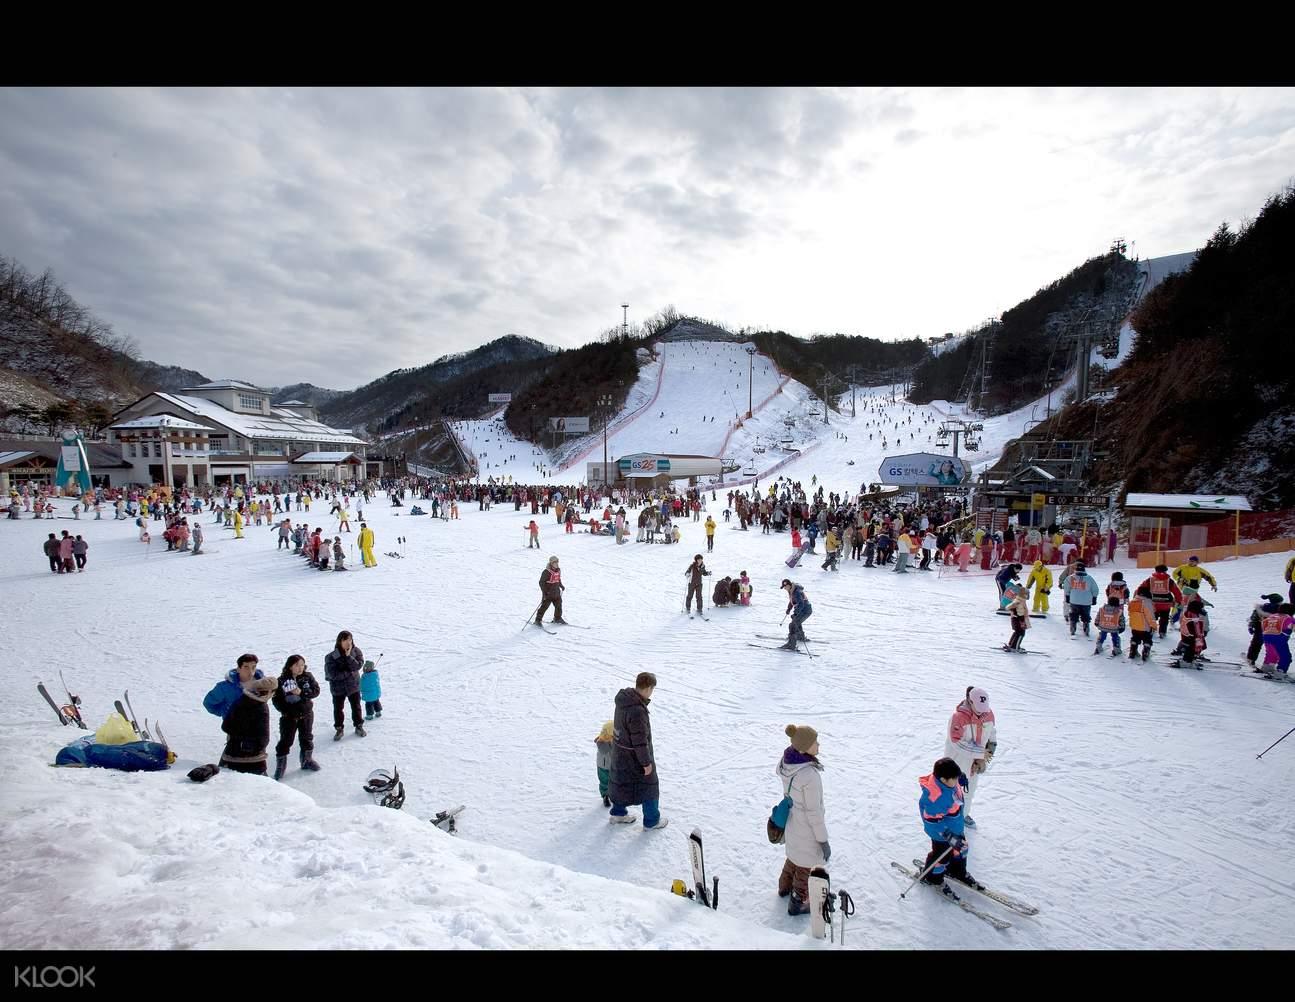 韩国伊利希安江村滑雪场一日游(Seoul City Tour提供)